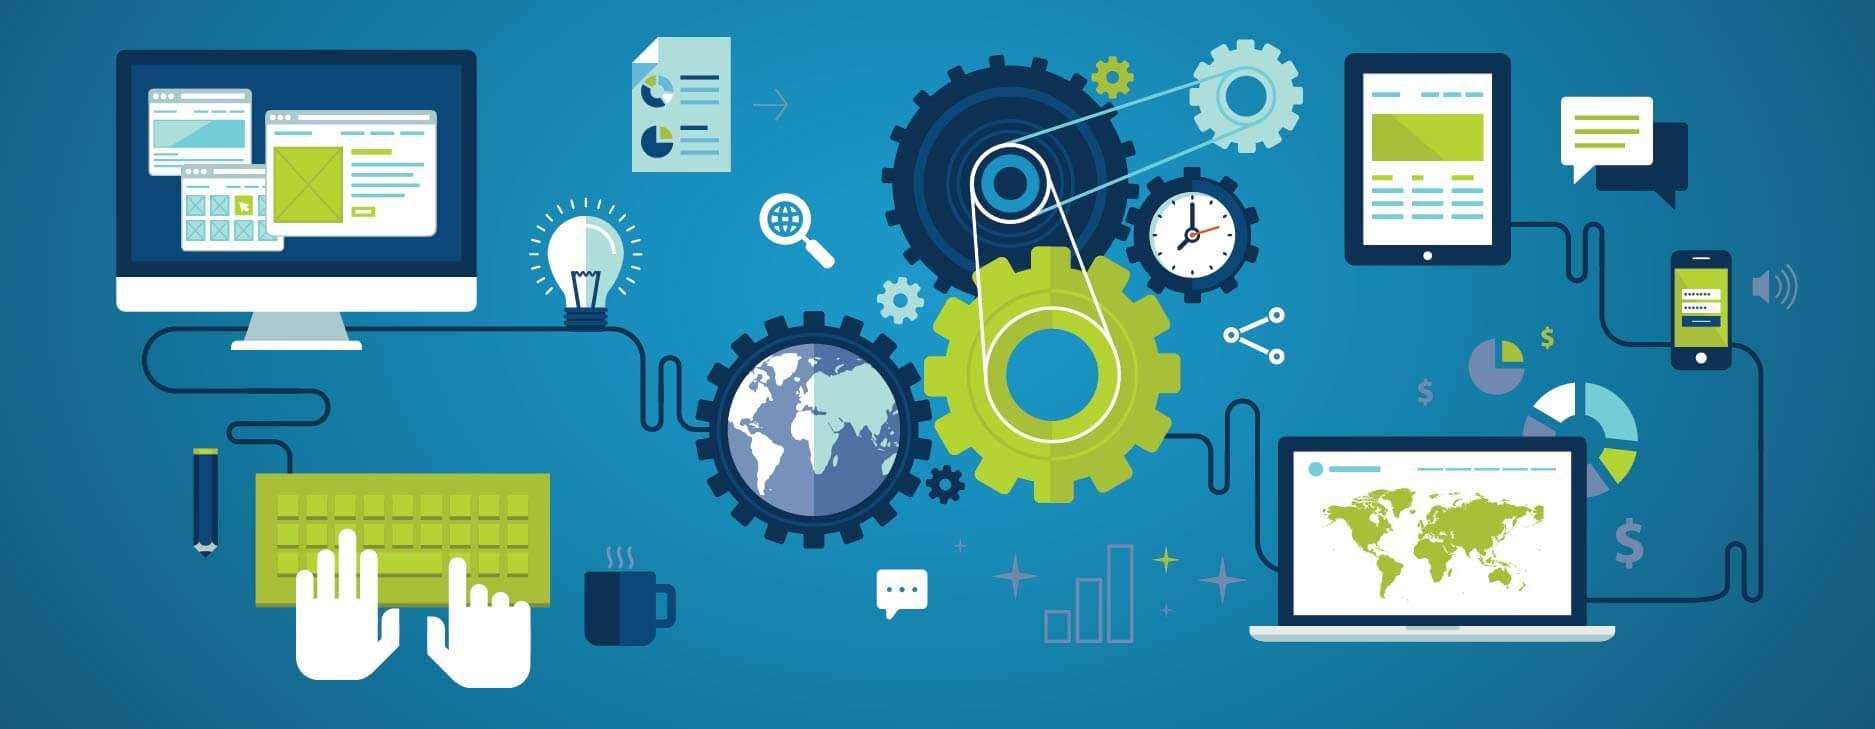 Digital Marketing | Bacancy Technology